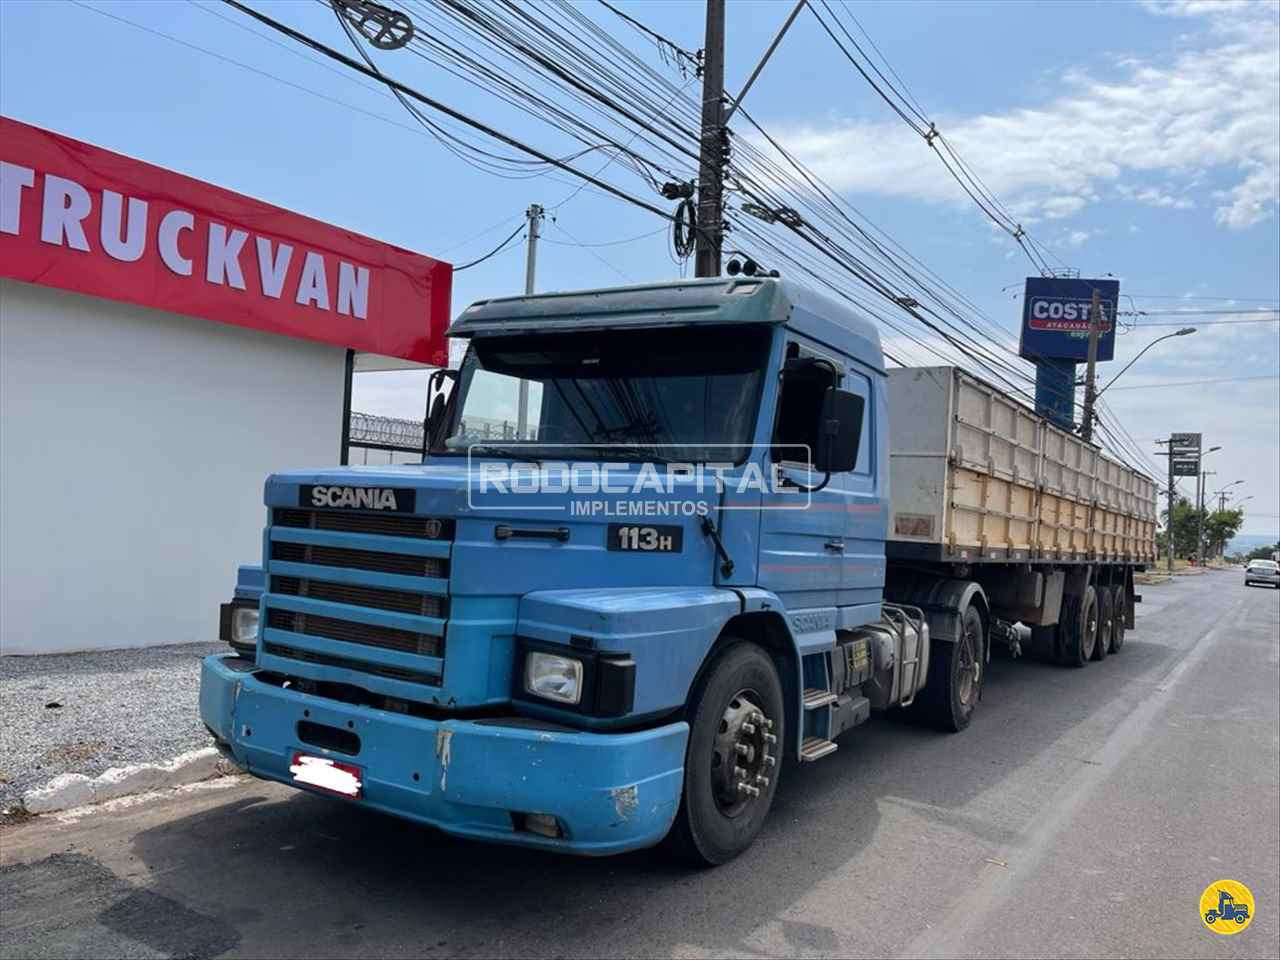 CAMINHAO SCANIA SCANIA 113 360 Cavalo Mecânico Truck 6x2 RODOCAPITAL - TRUCKVAN BRASILIA DISTRITO FEDERAL DF